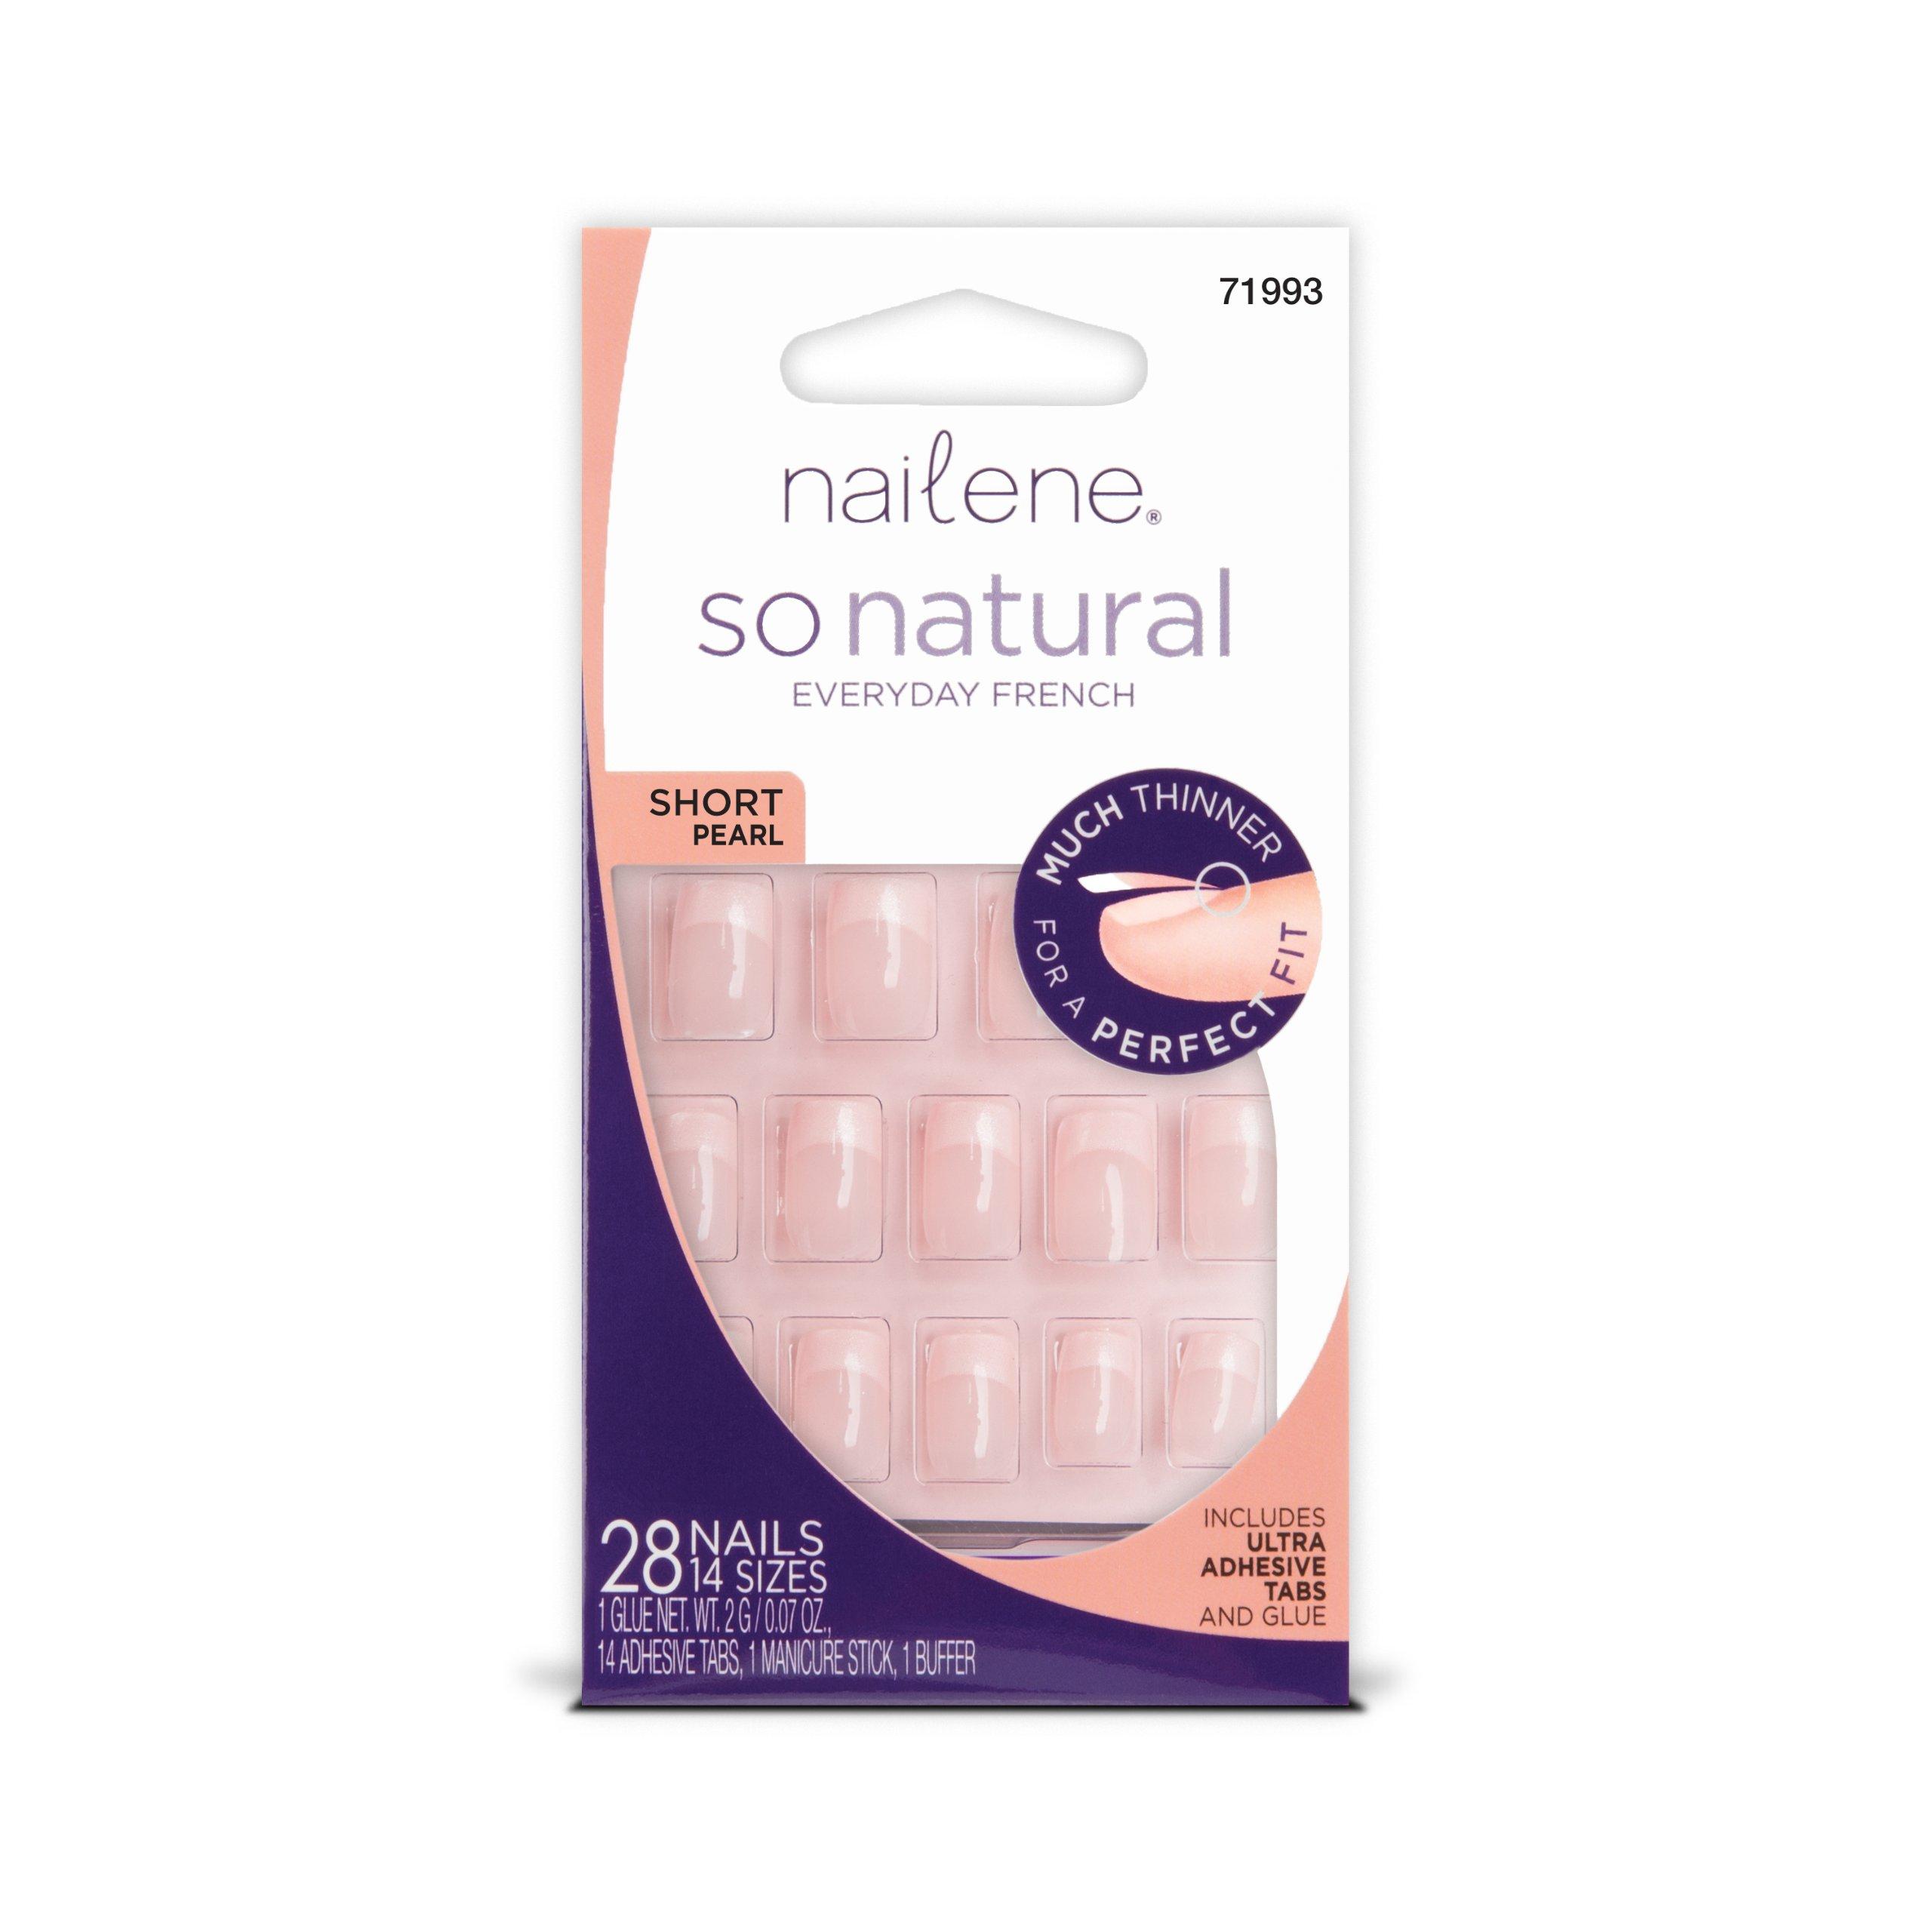 Nailene So Natural Nail, Short Pearl, 28 Count